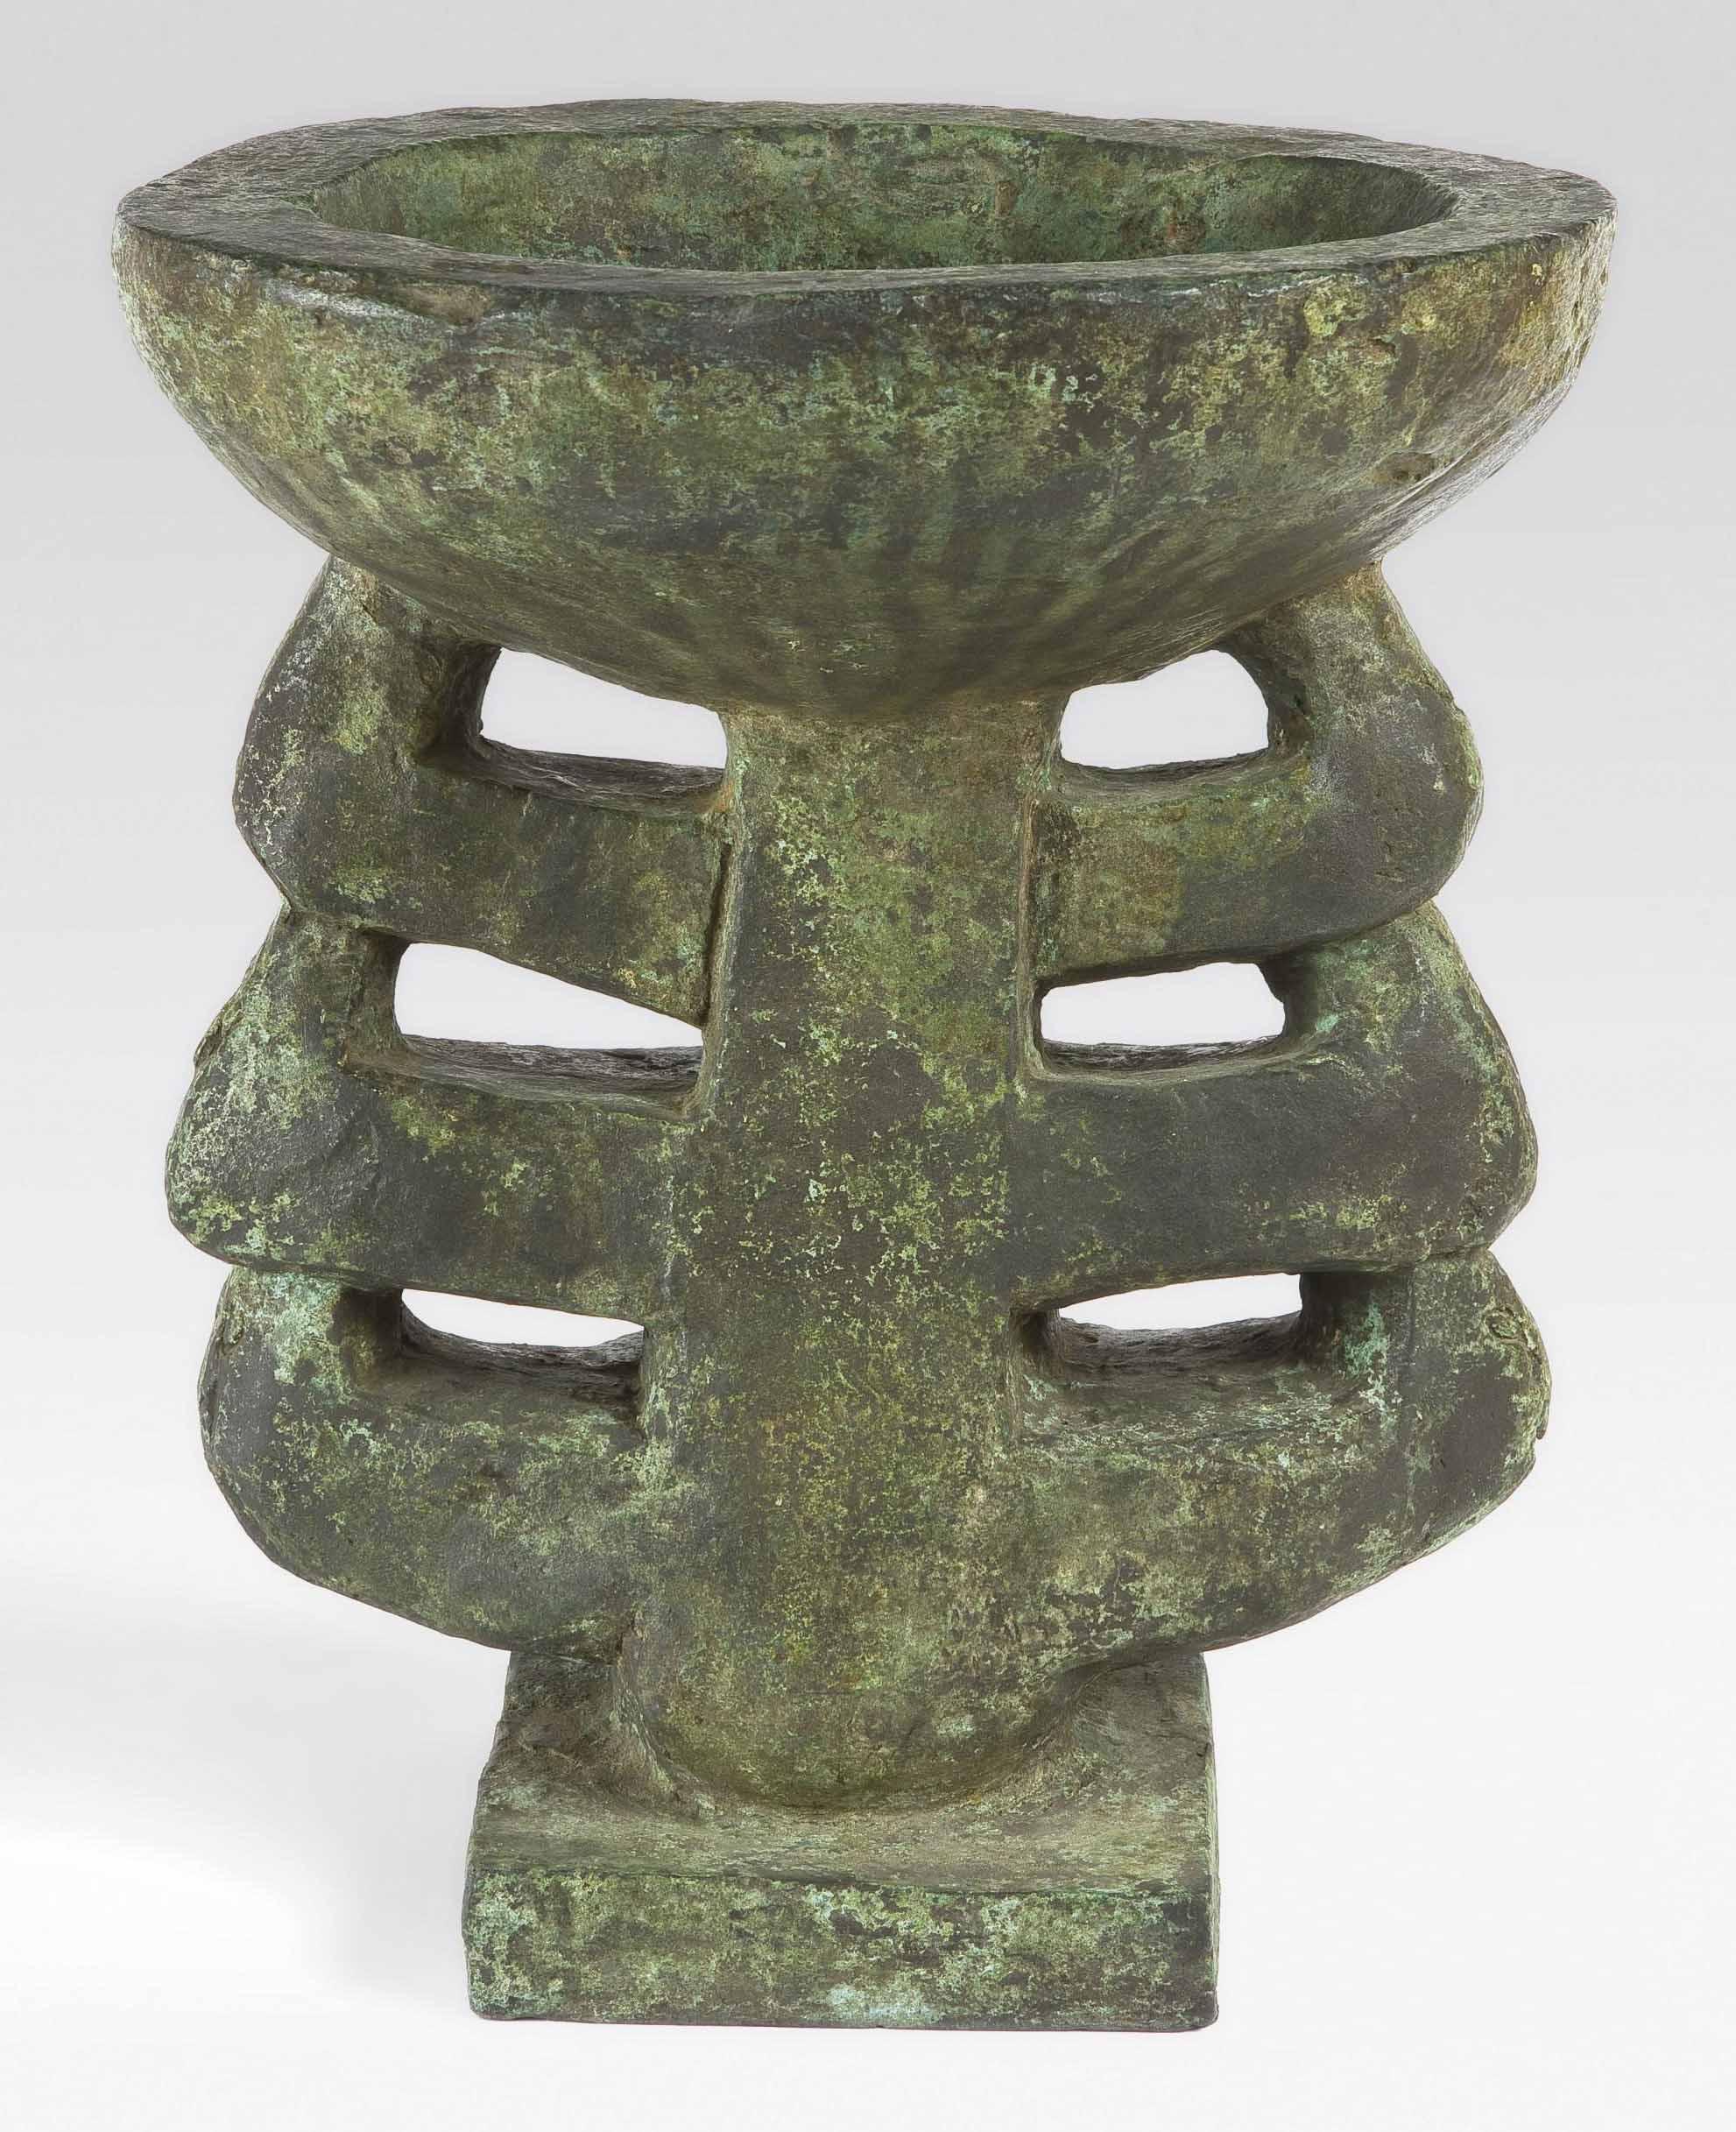 Maquette for Flower Vase 2 (Garden Ornament 3)